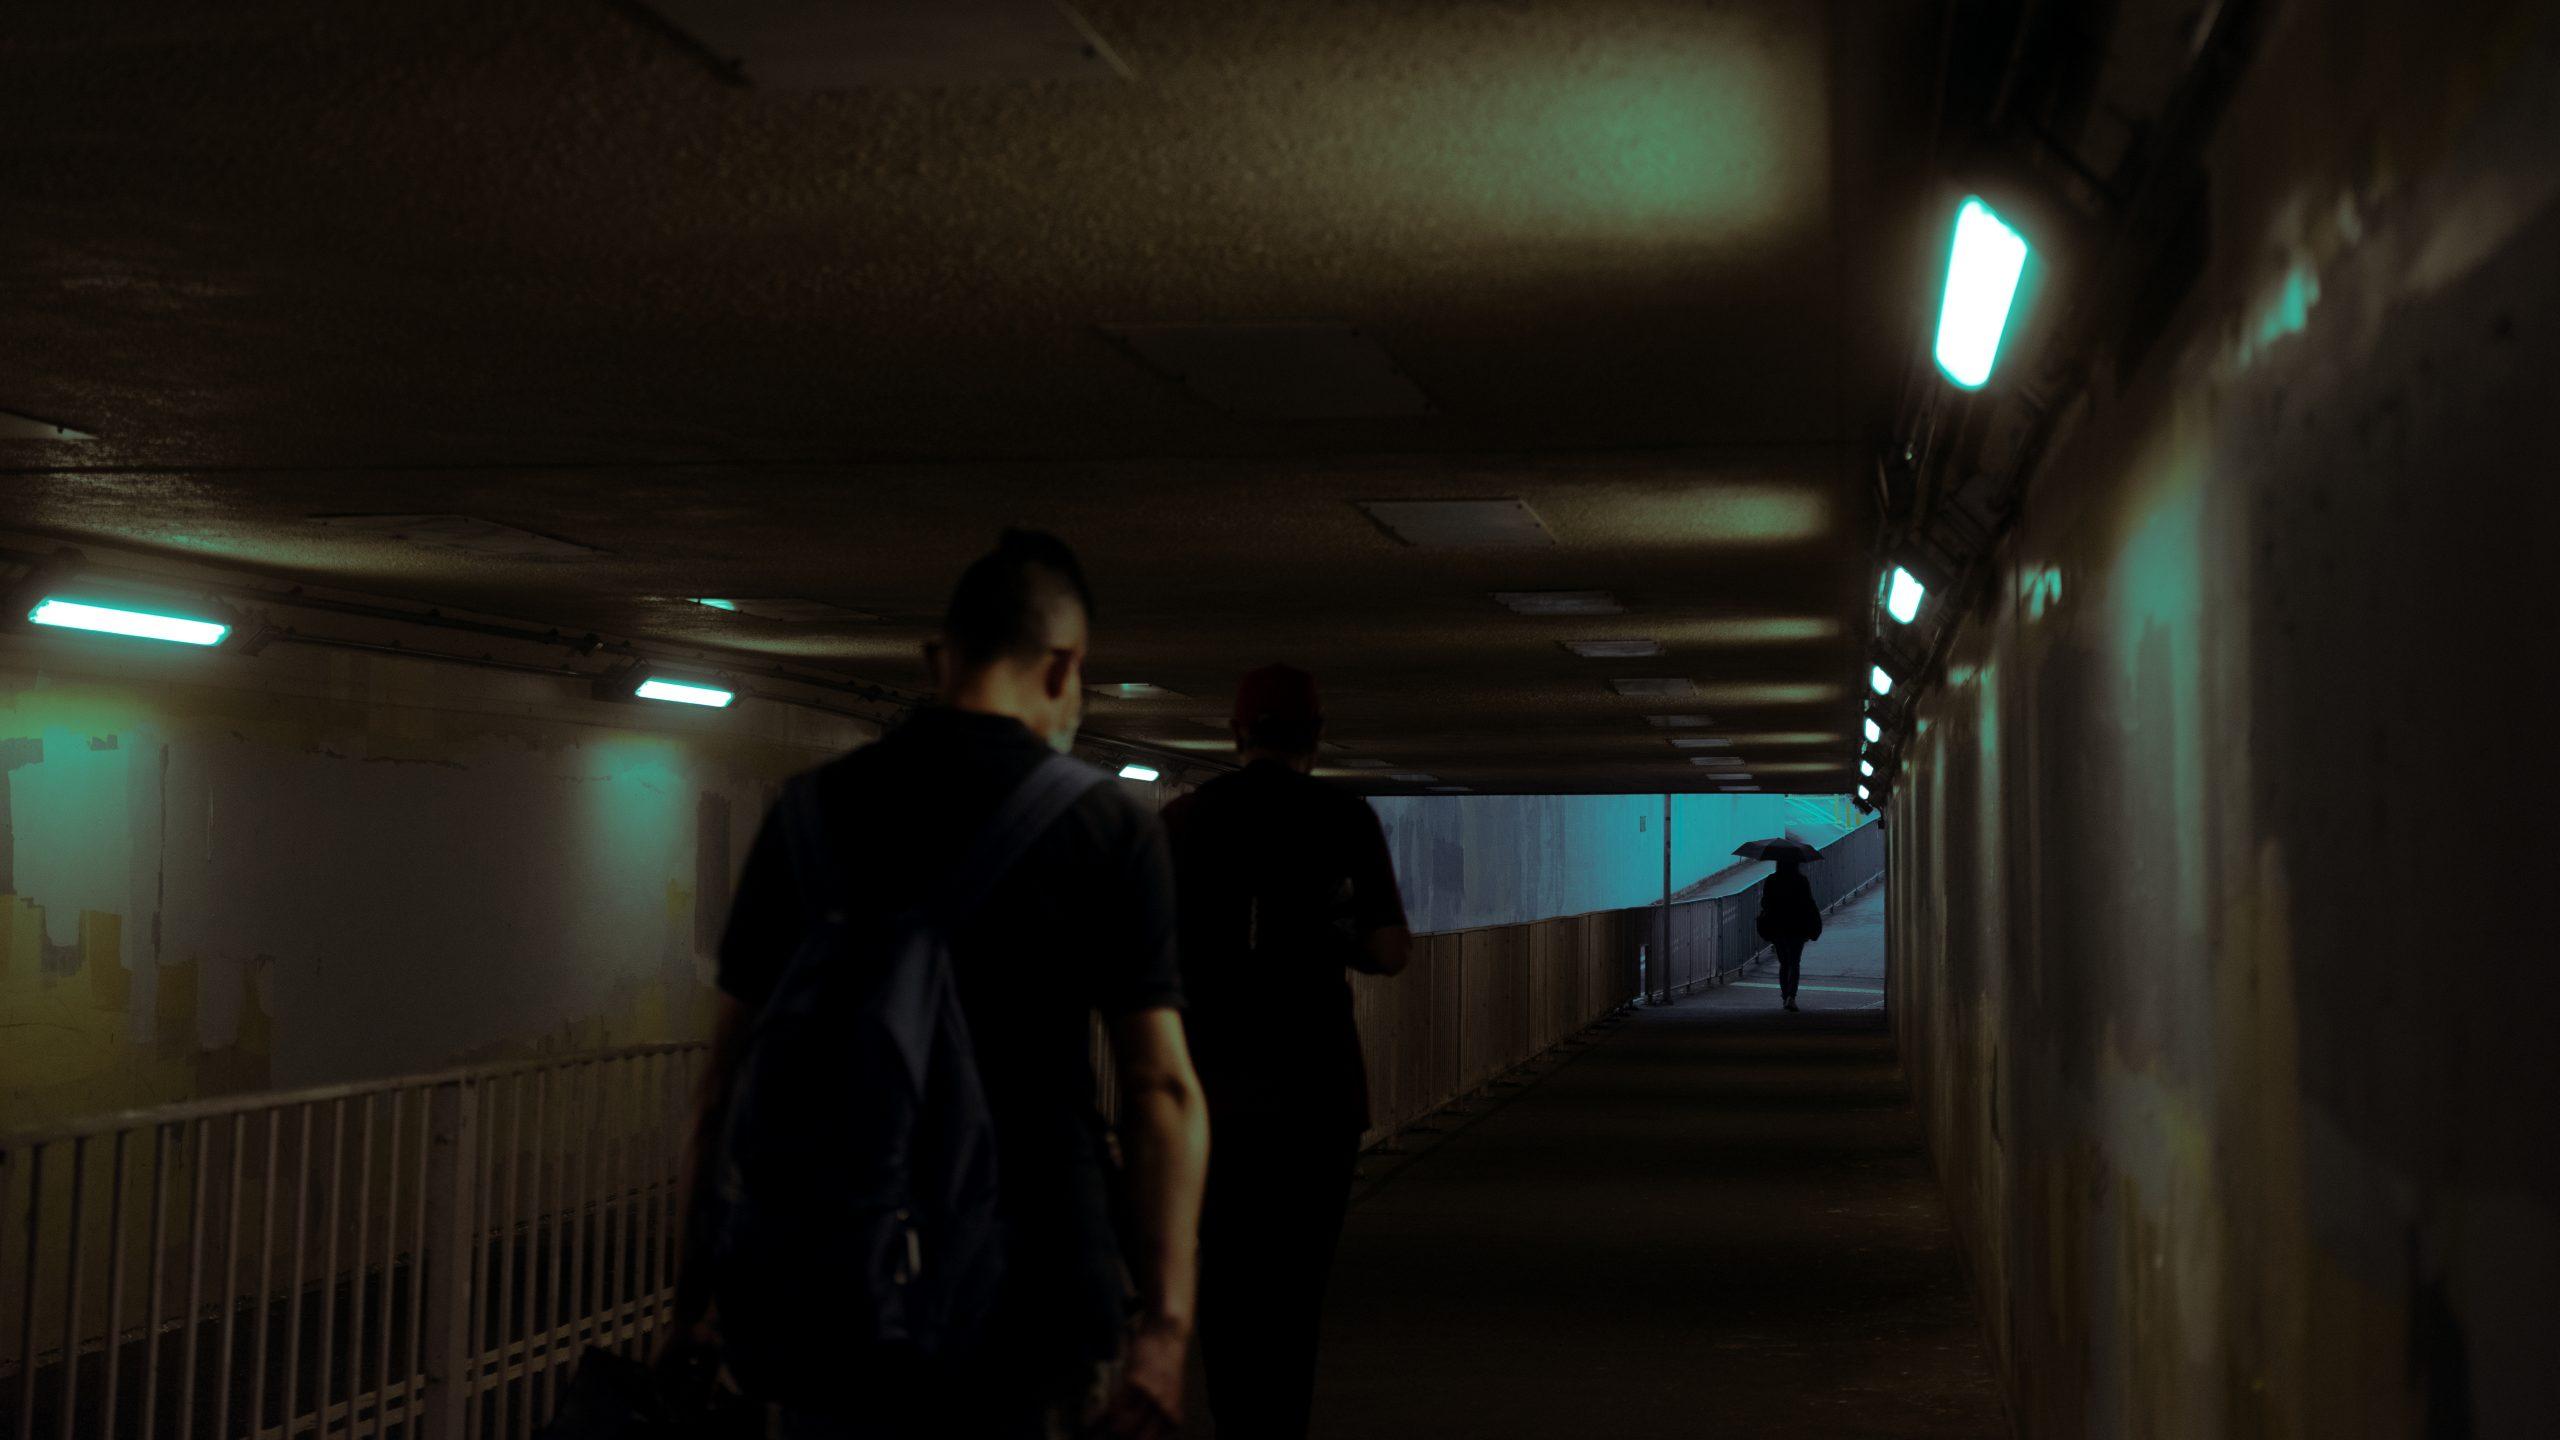 《幽暮之城》攝影集 Deacon Lui 反修例運動 攝影師 隧道